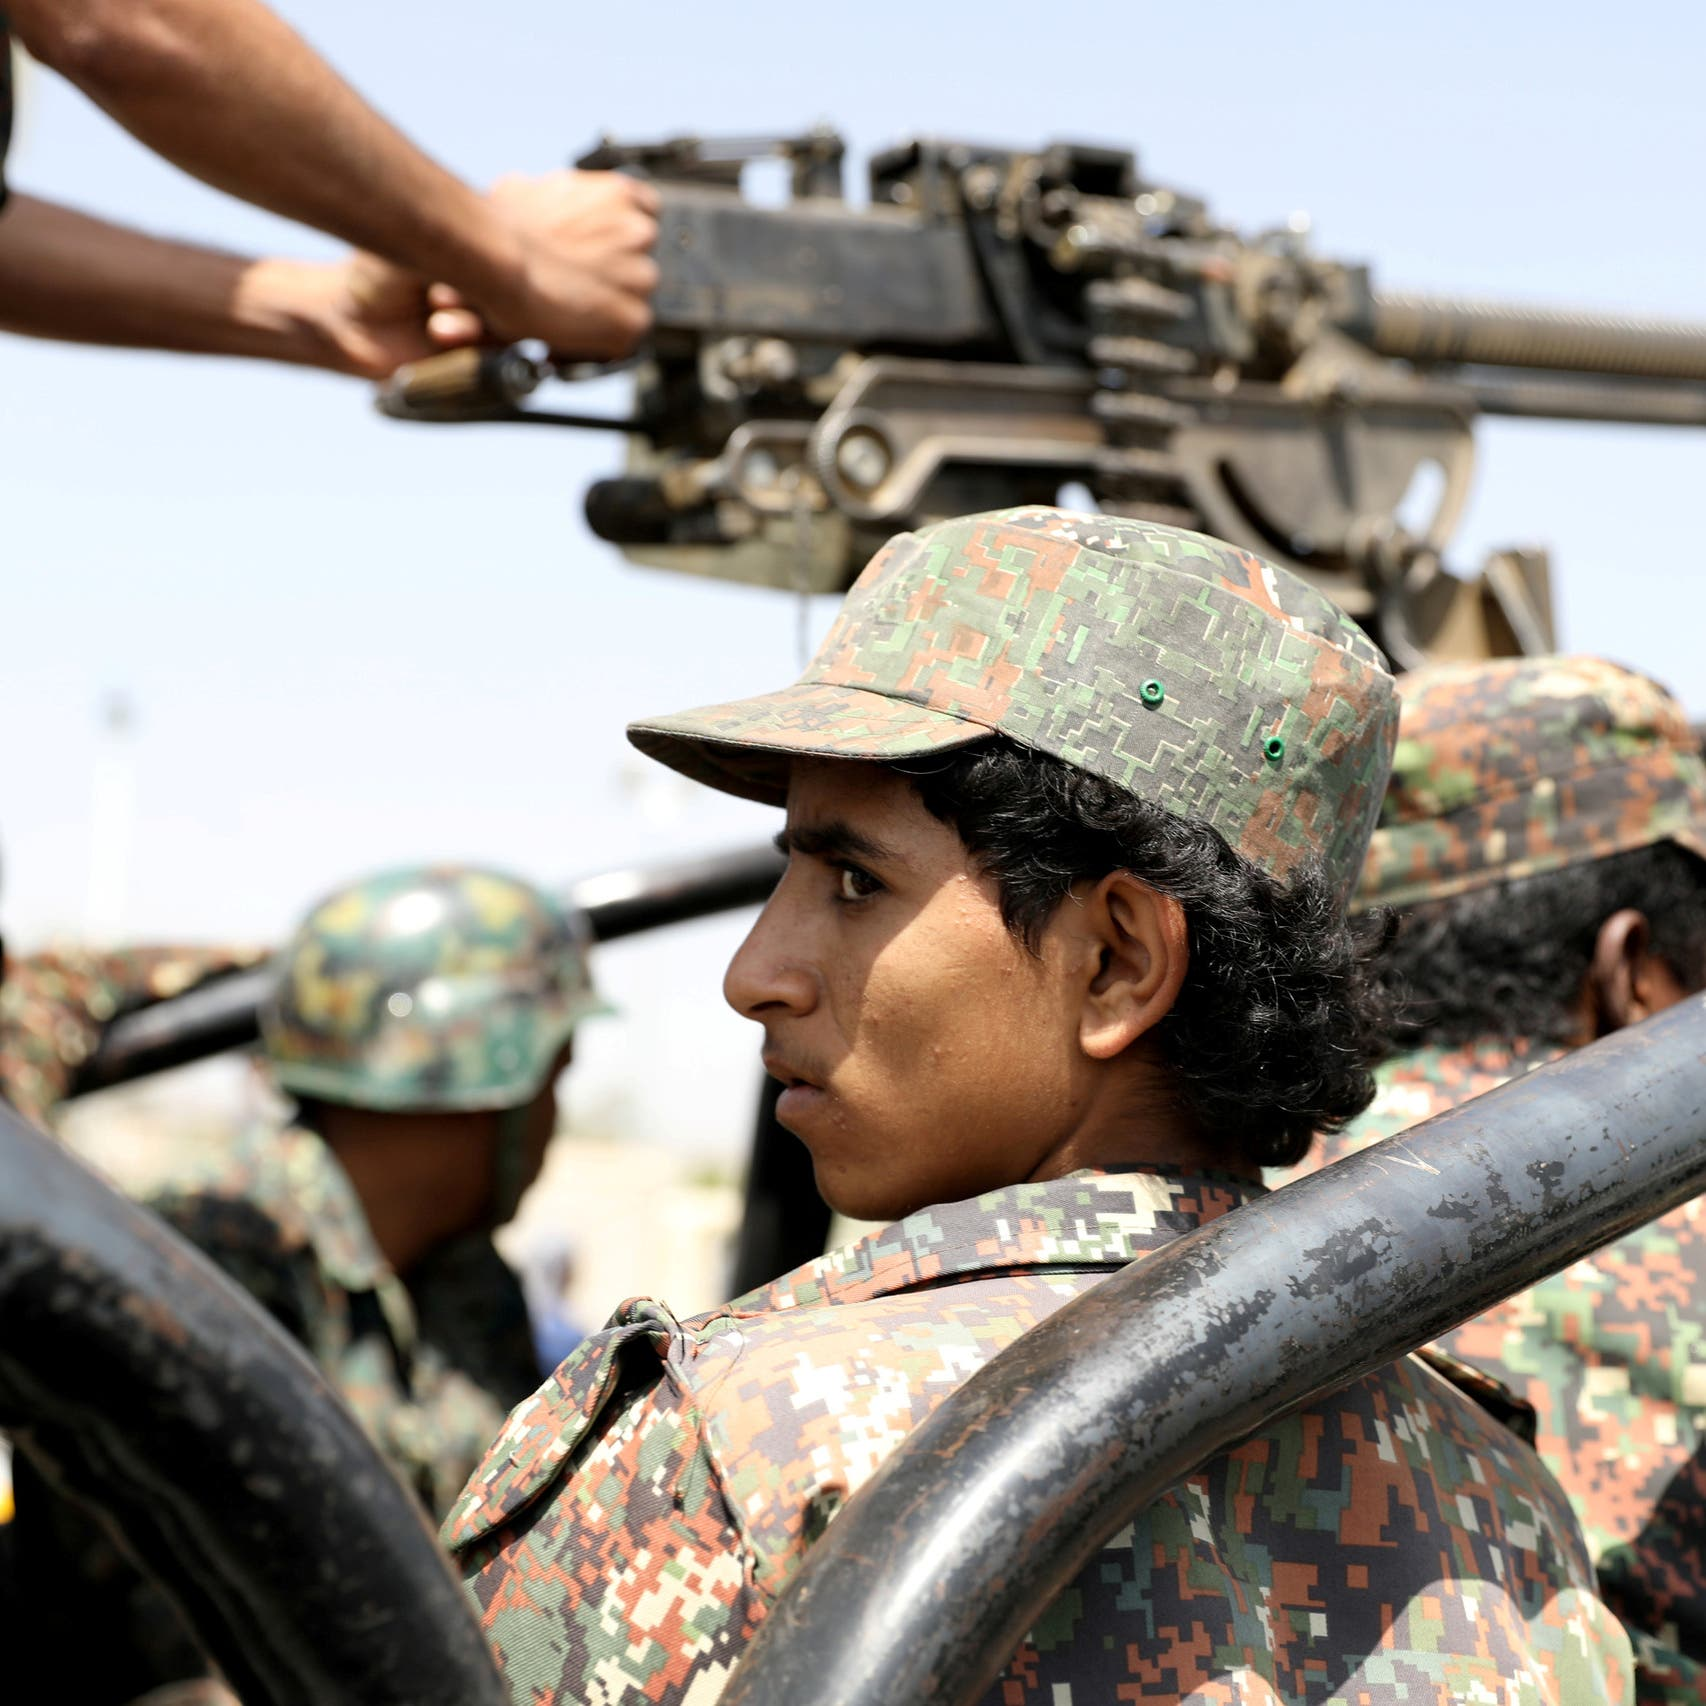 واشنطن ترفض التراجع عن تصنيف الحوثي منظمة إرهابية